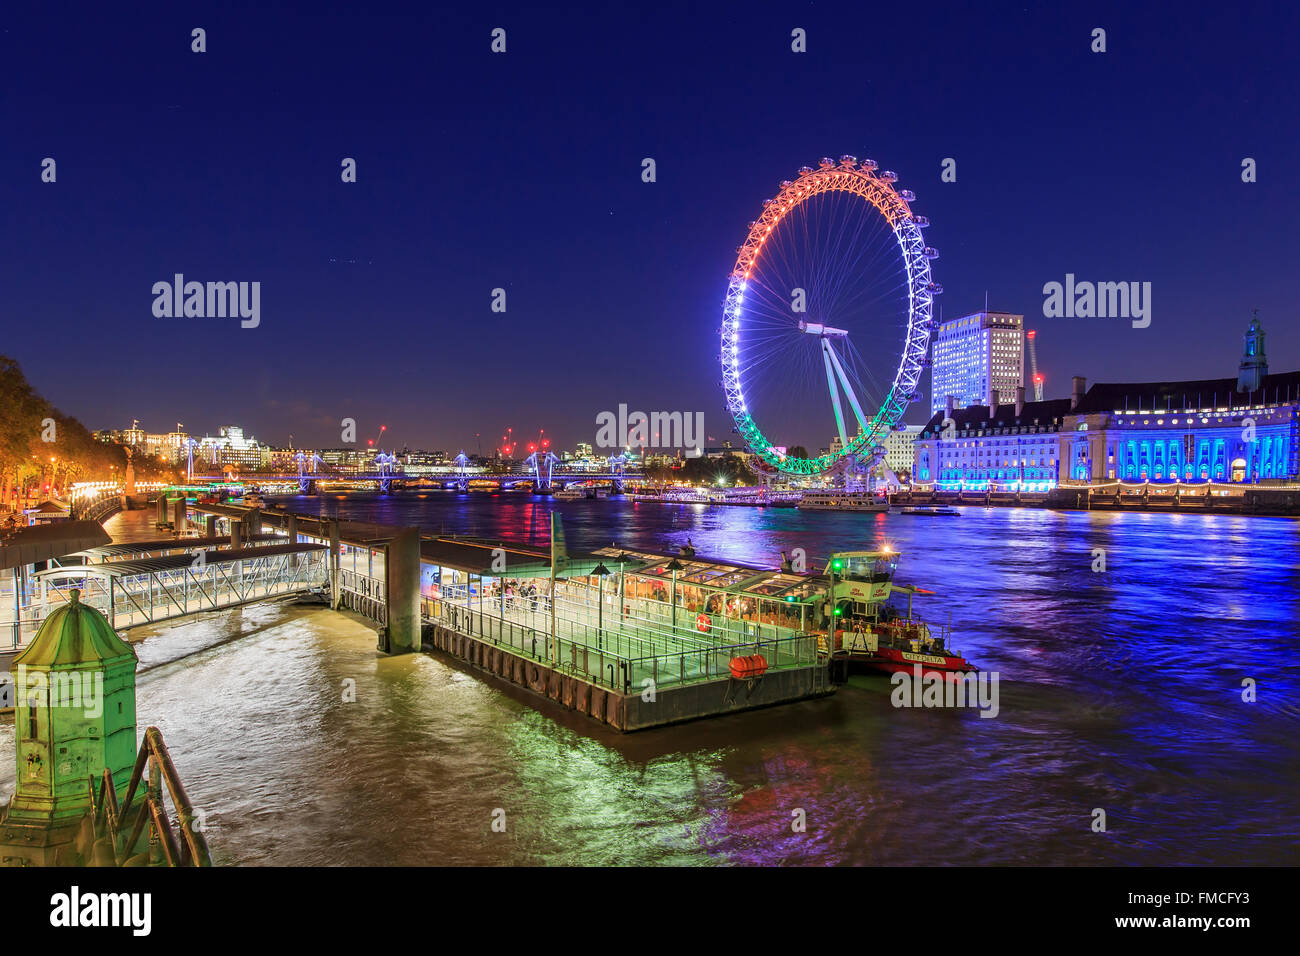 Reisen in die berühmten London Eye, London, Vereinigtes Königreich rund um twilight Stockbild